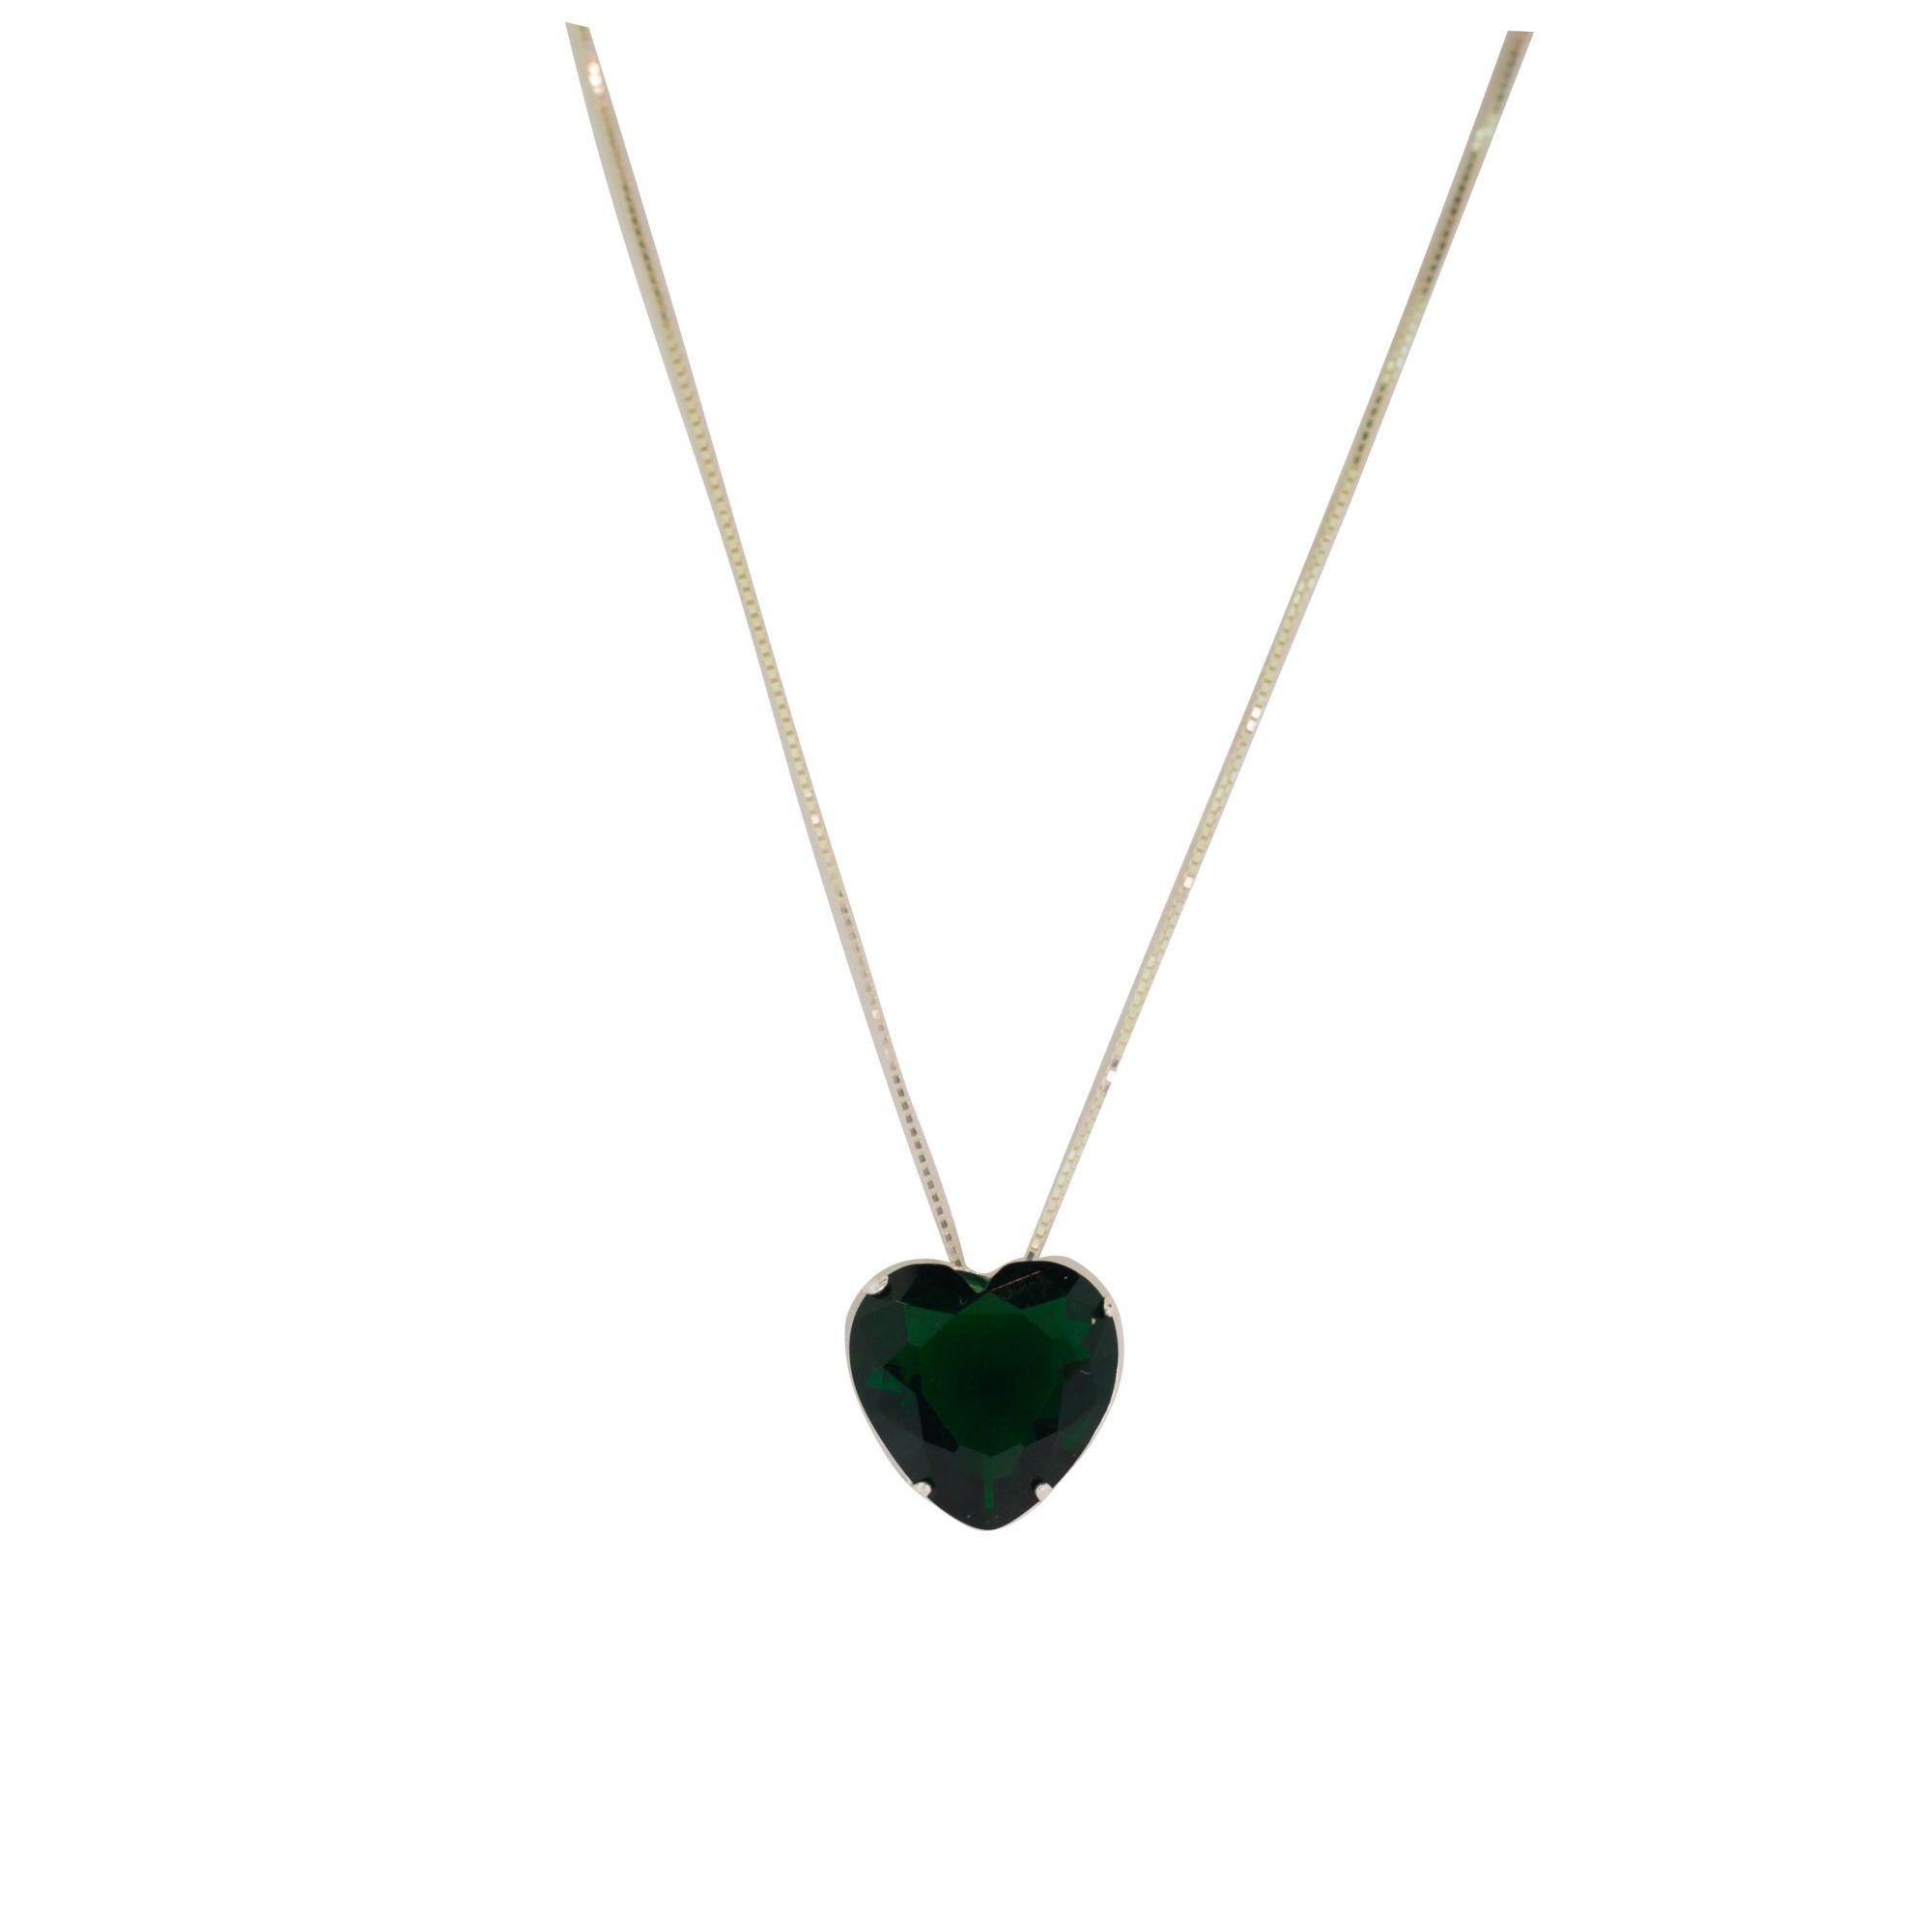 Gargantilha prata 925 com coração cristal